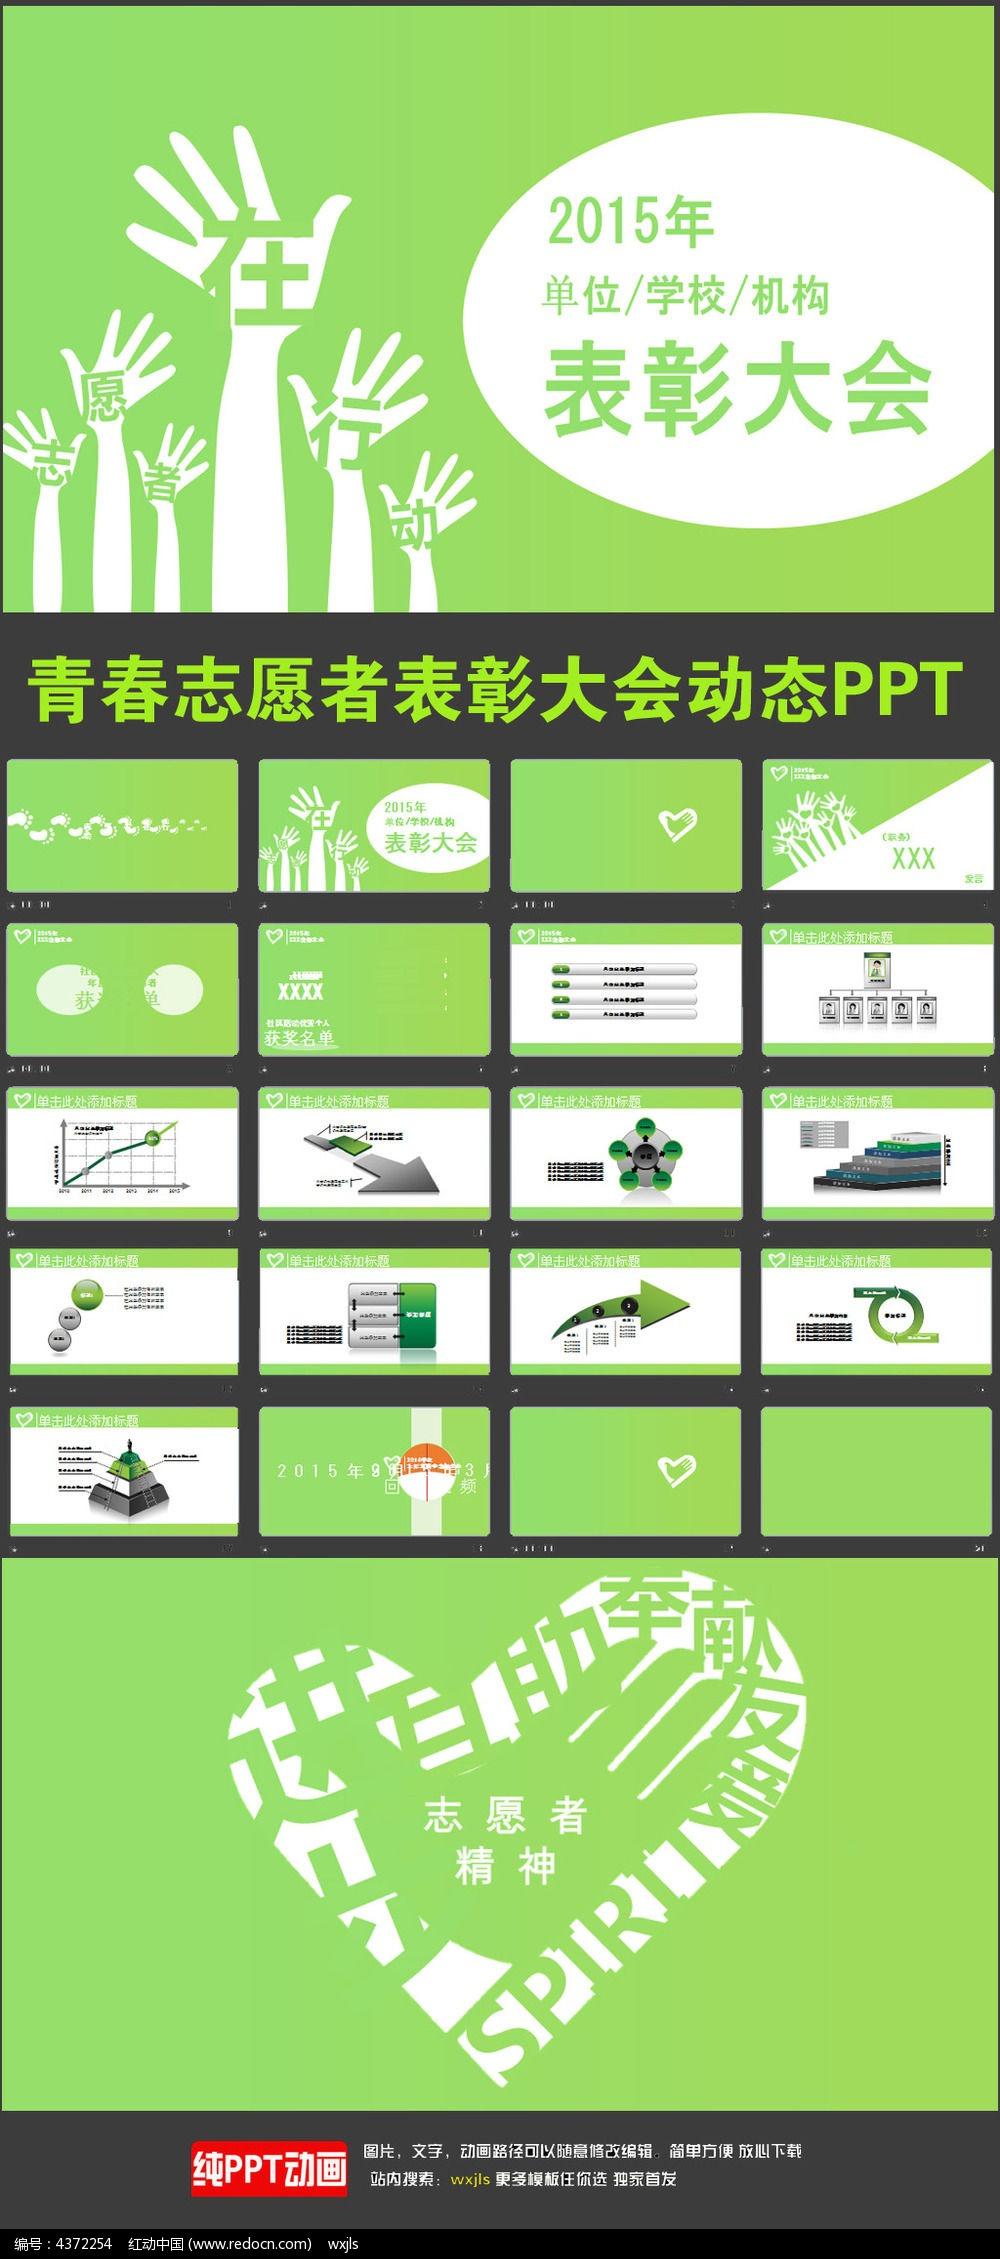 汇报 ppt背景图 医院活动 幻灯片 工作总结 计划-8款 青年志愿者PPT图片